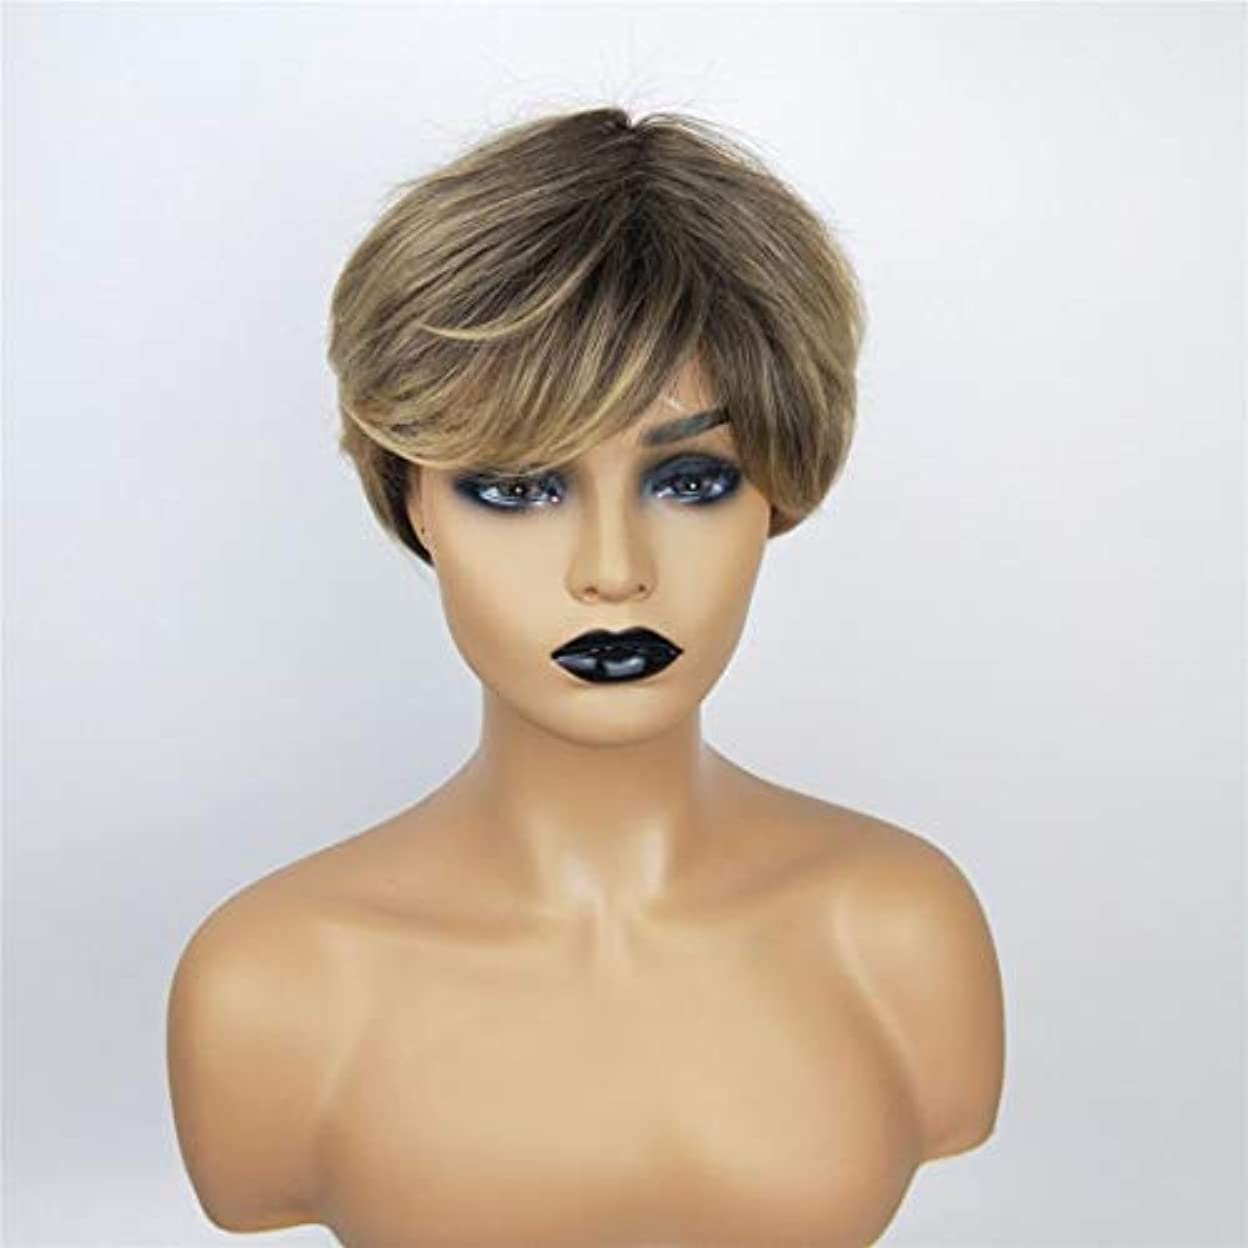 ボットびっくりしたドナーKerwinner 女性のための茶色のかつら短い巻き毛のかつら合成完全女性のかつら